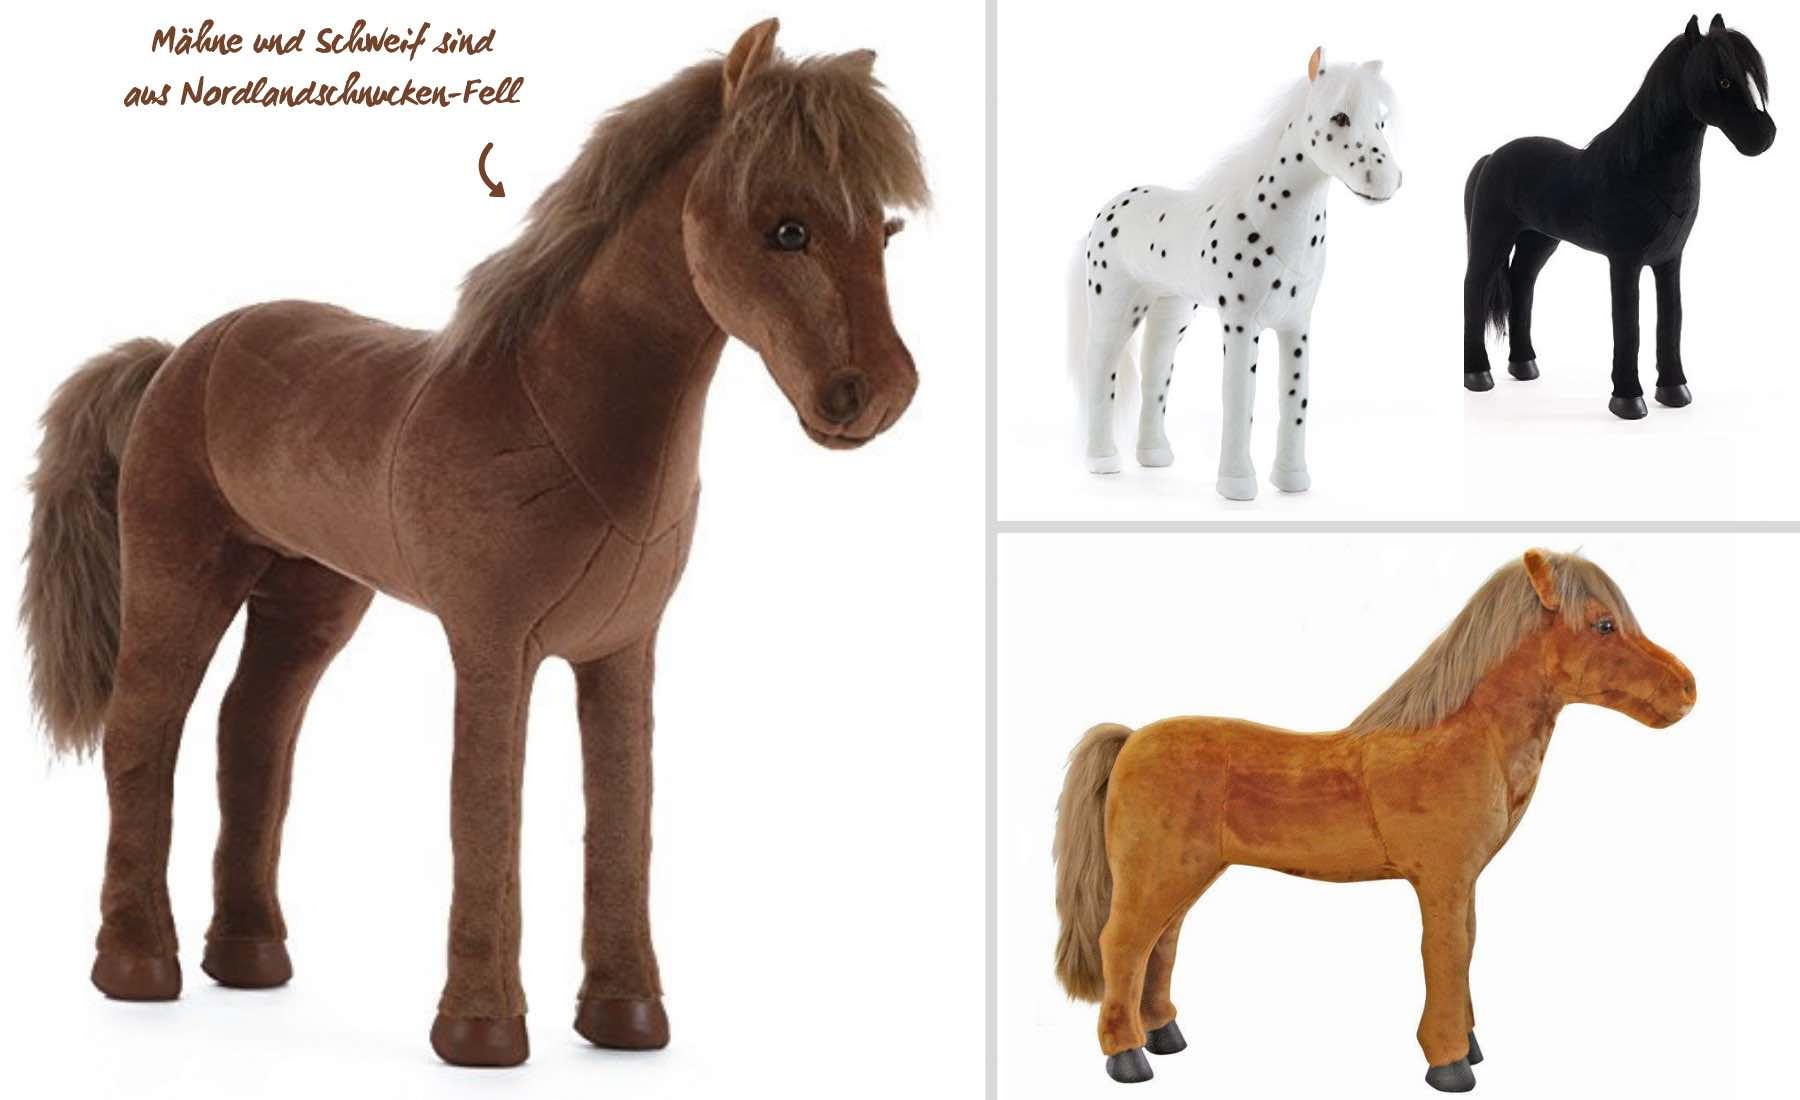 Steiner Pferde, Stehpferd XXL, Plüschpferd zum Reiten, hochwertige Plüschpferde, Made in Germany, besondere Geschenkideen für Pferdefreunde, Pferde Geschenke für Mädchen und Jungen